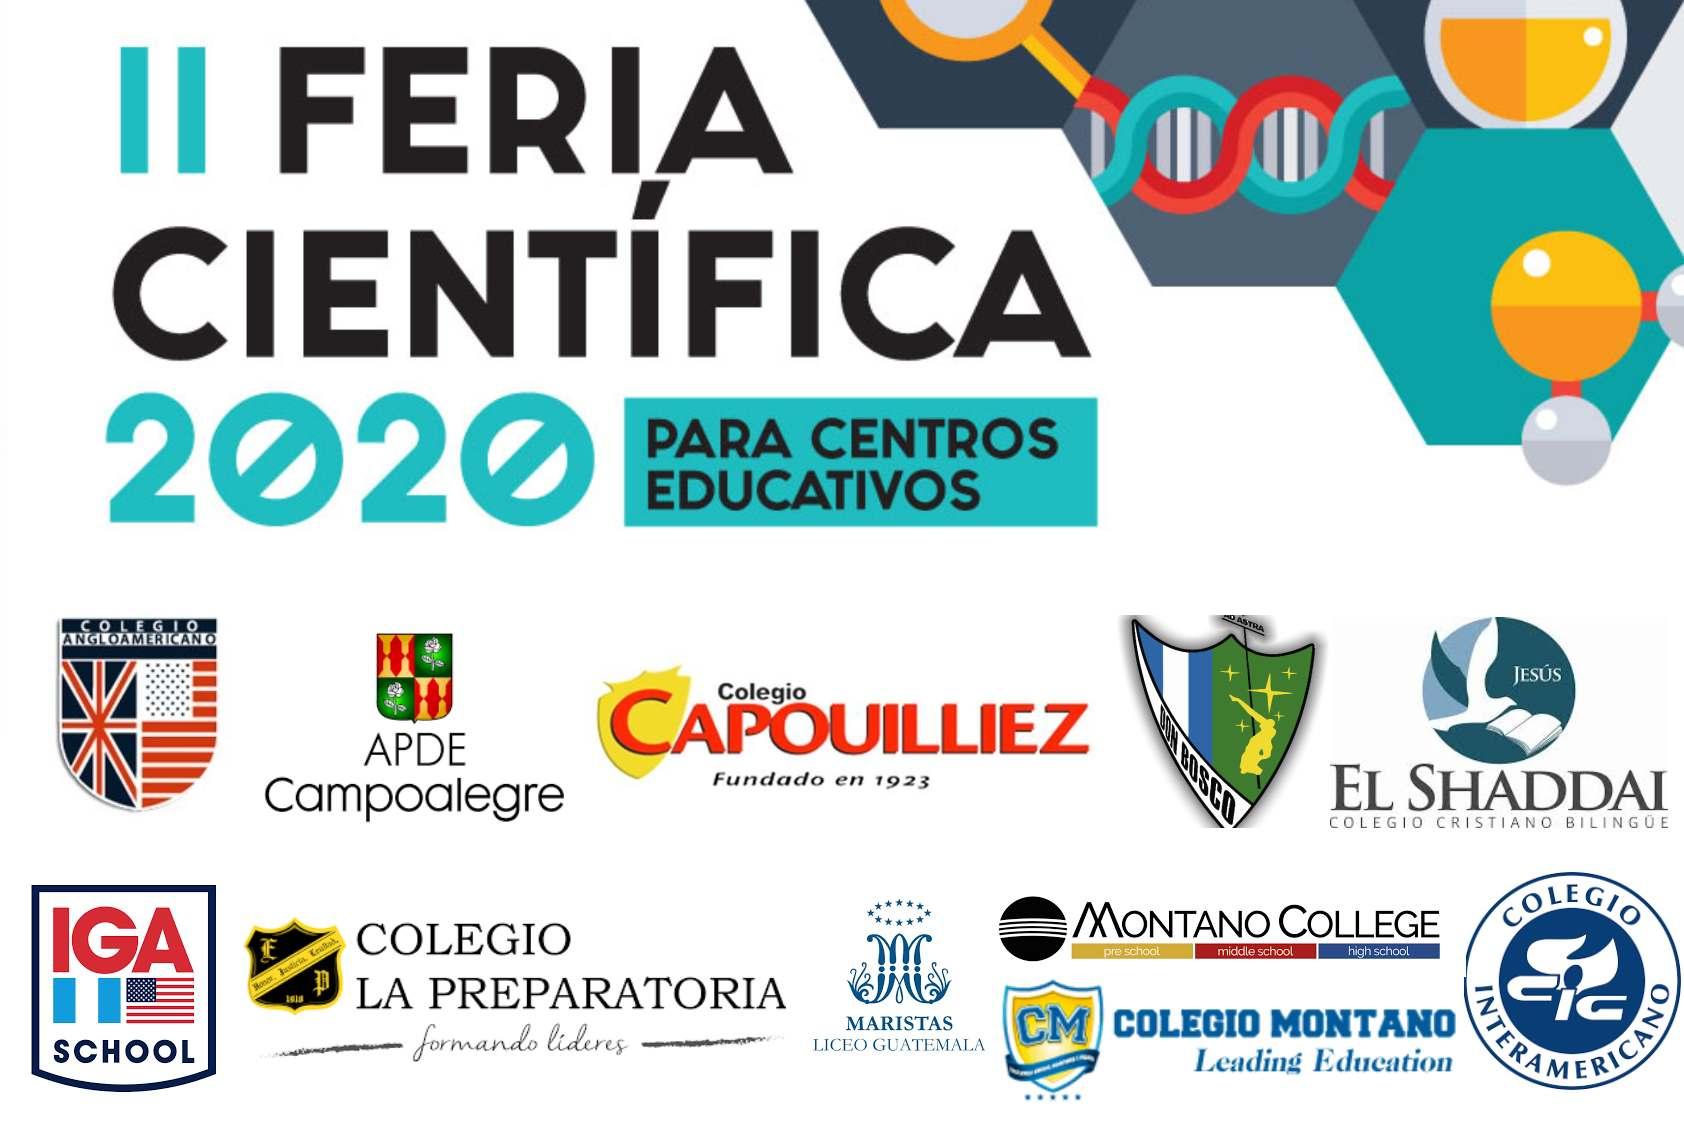 Feria científica llama la atención de jovenes de Guatemala y El Salvador